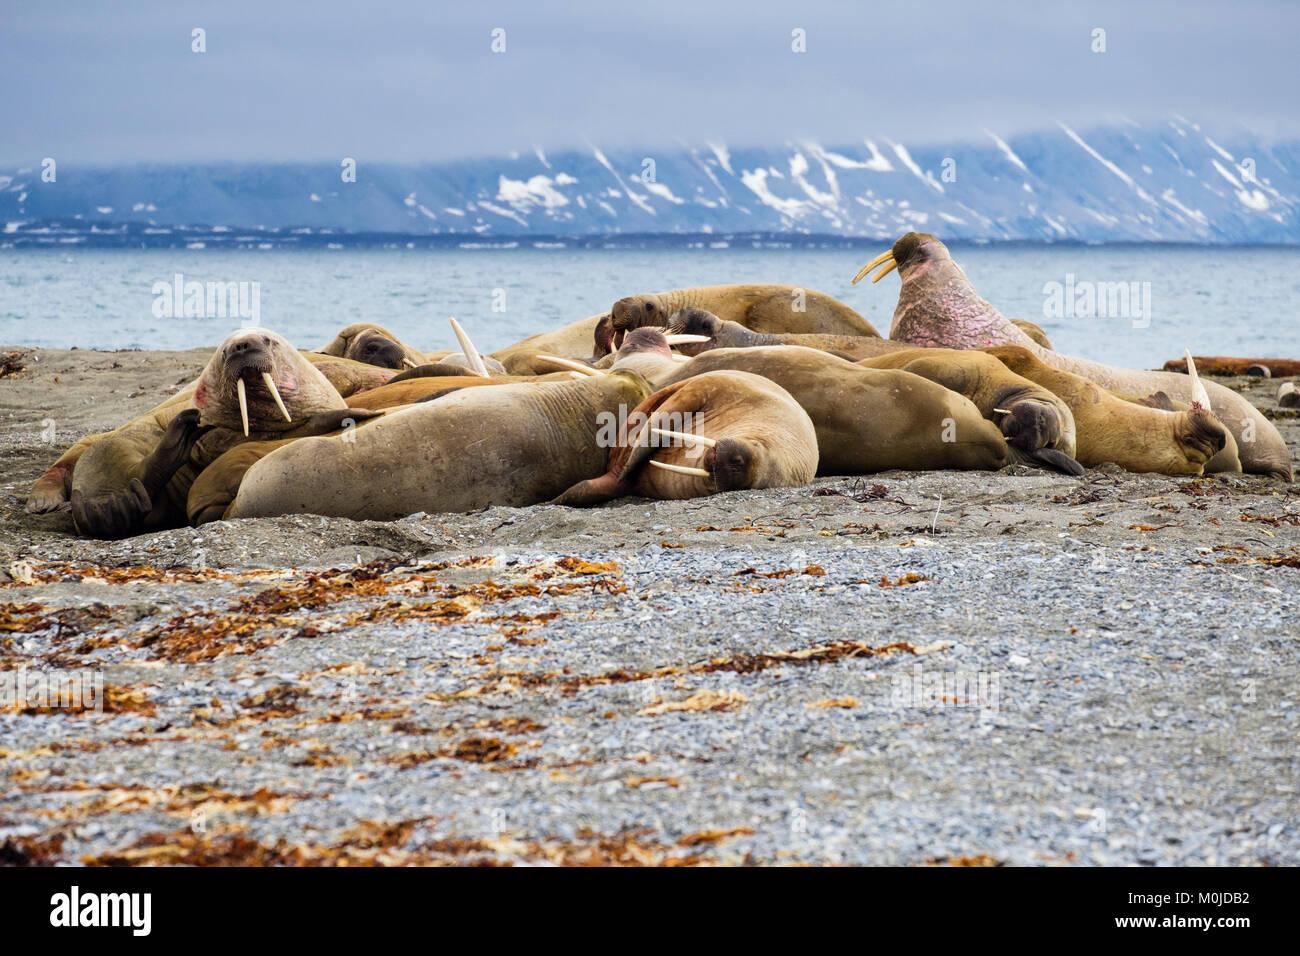 Die Gruppe der Walrosse (Odobenus rosmarus) zog im Sommer 2017 aus, um sich auf dem trockenen Land an der arktischen Stockfoto